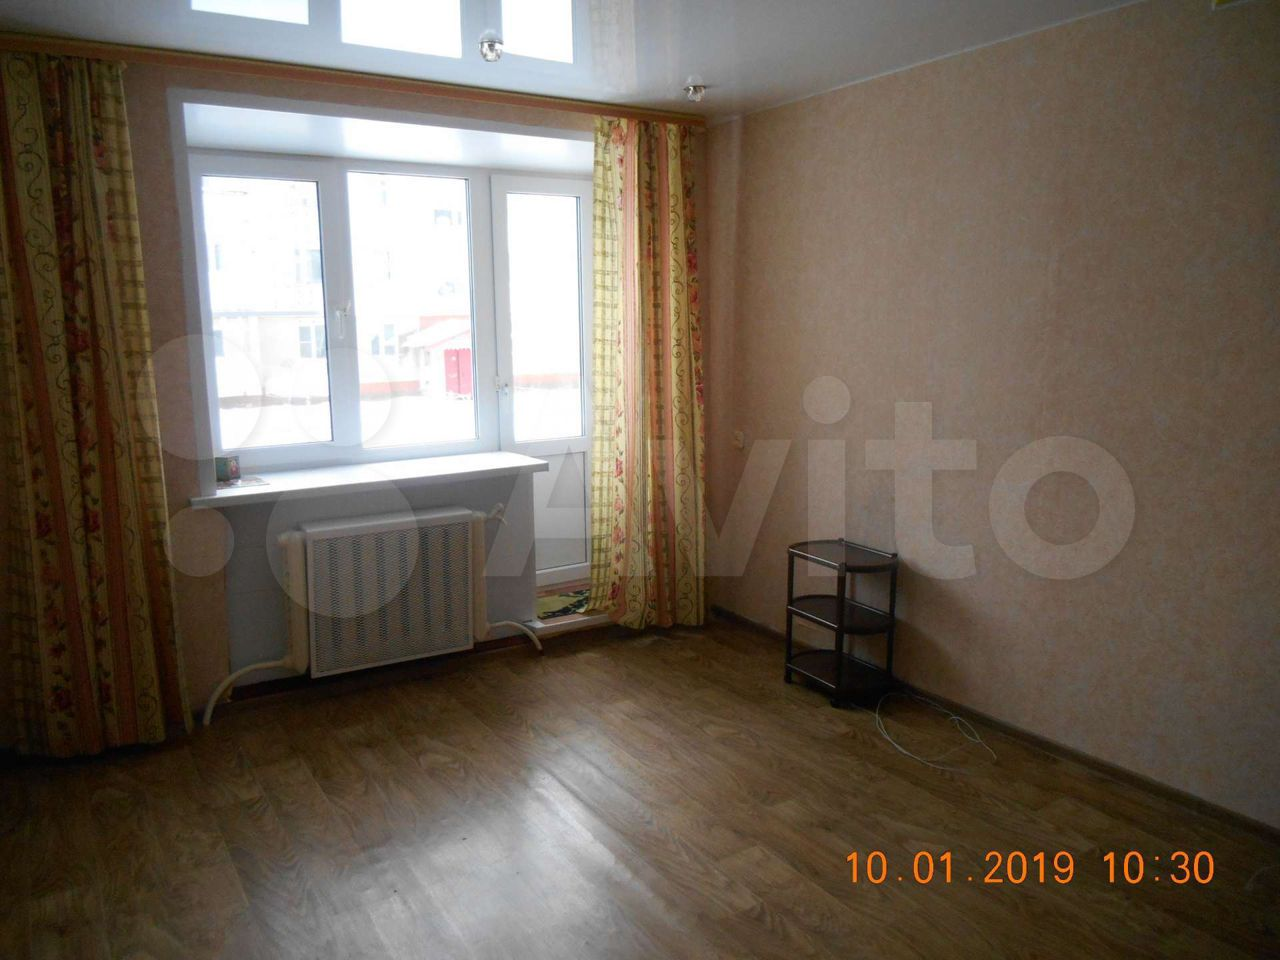 1-к квартира, 35.4 м², 2/2 эт.  89606363173 купить 7